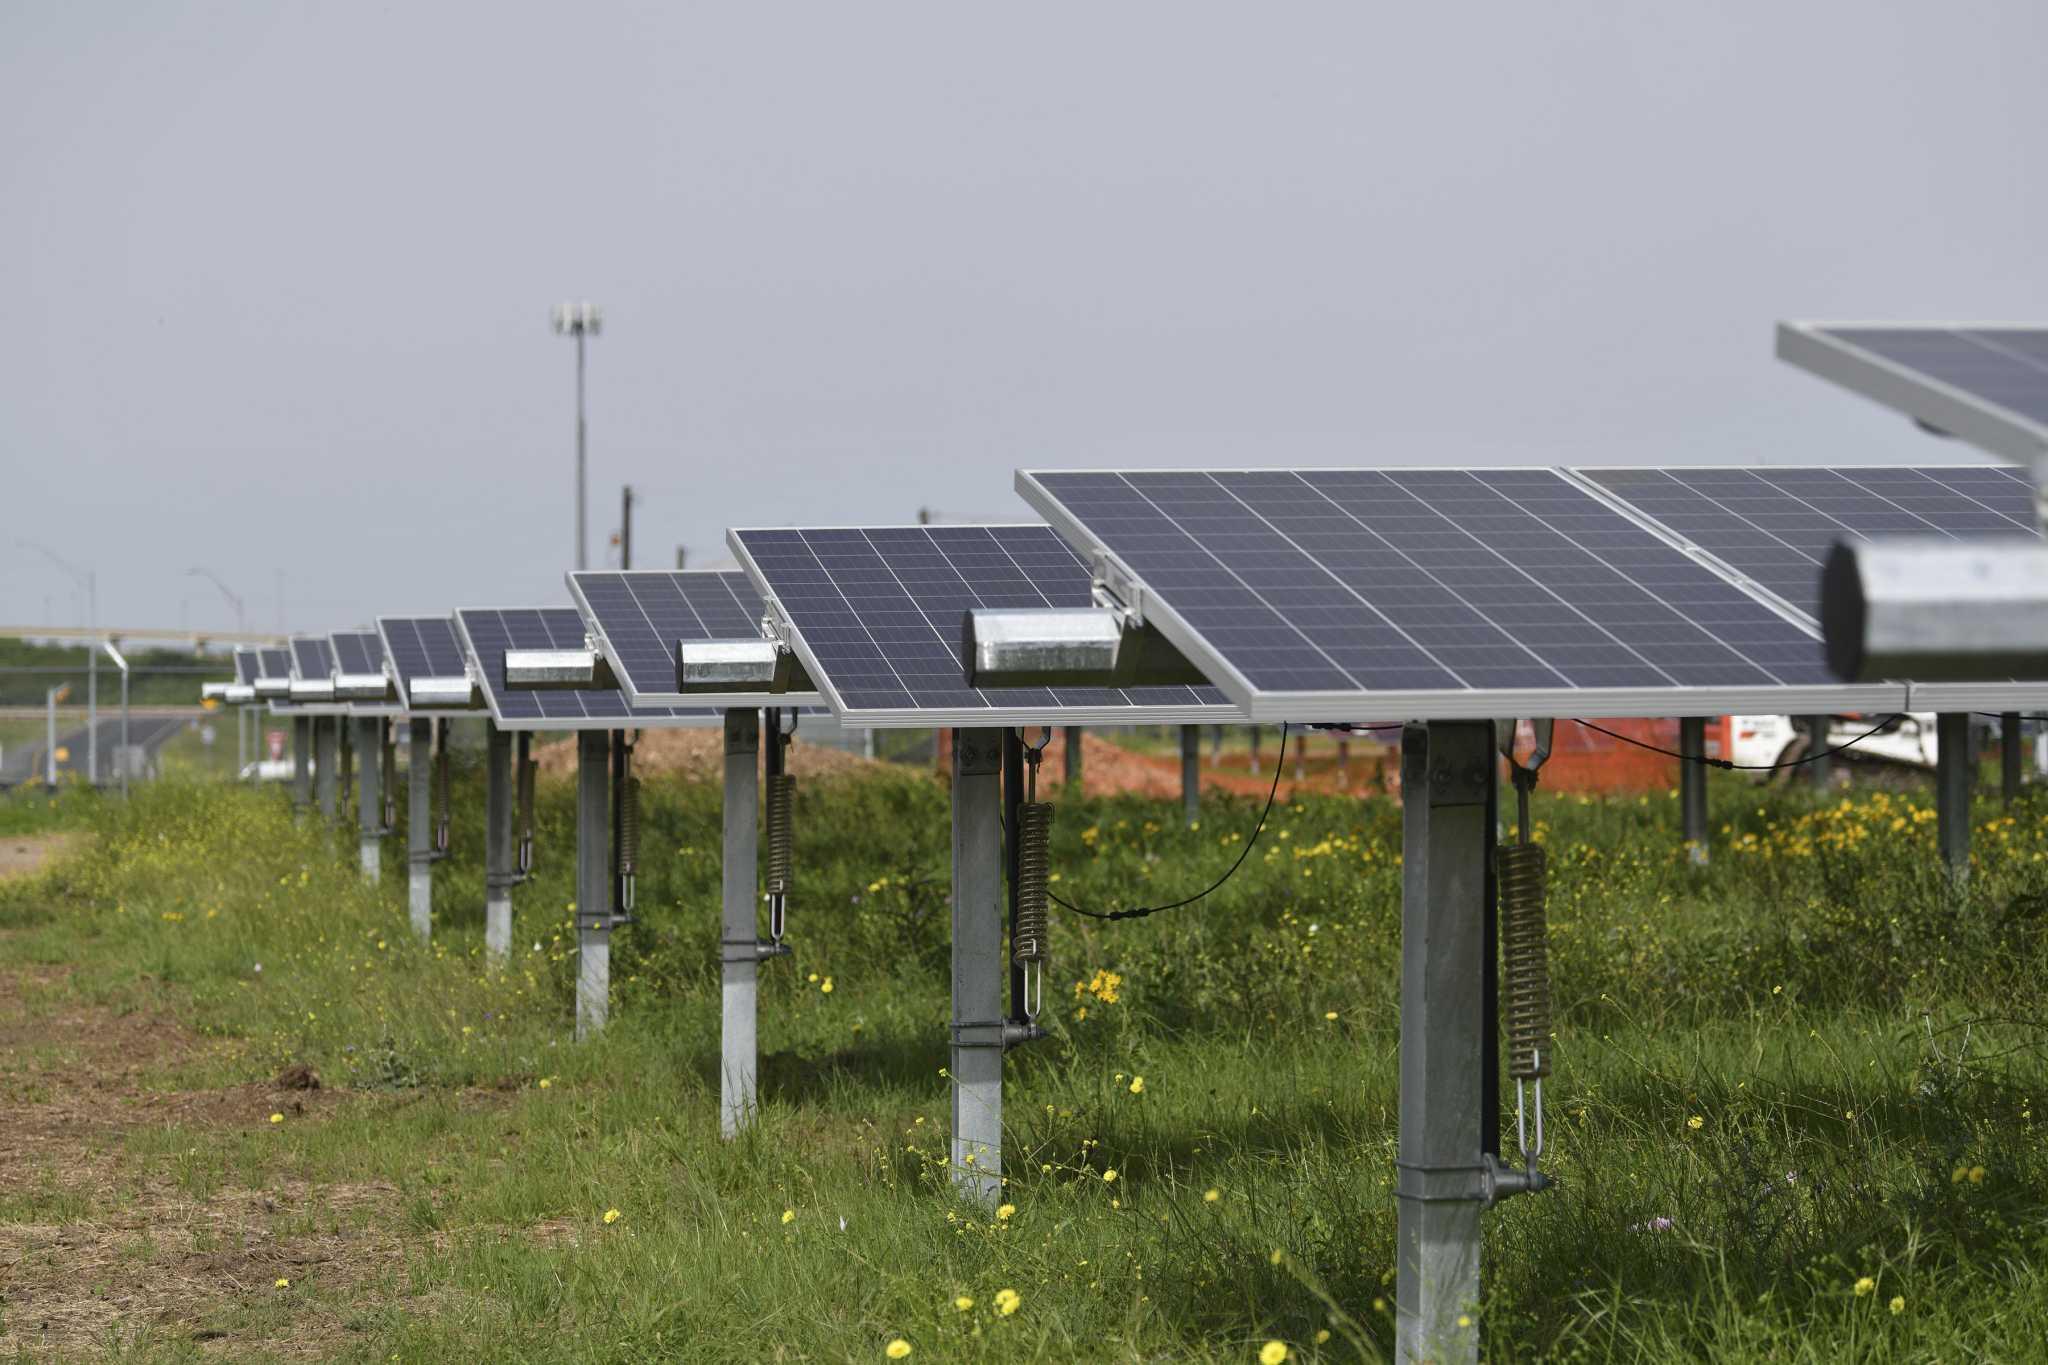 Wells Fargo inks solar deal with NRG